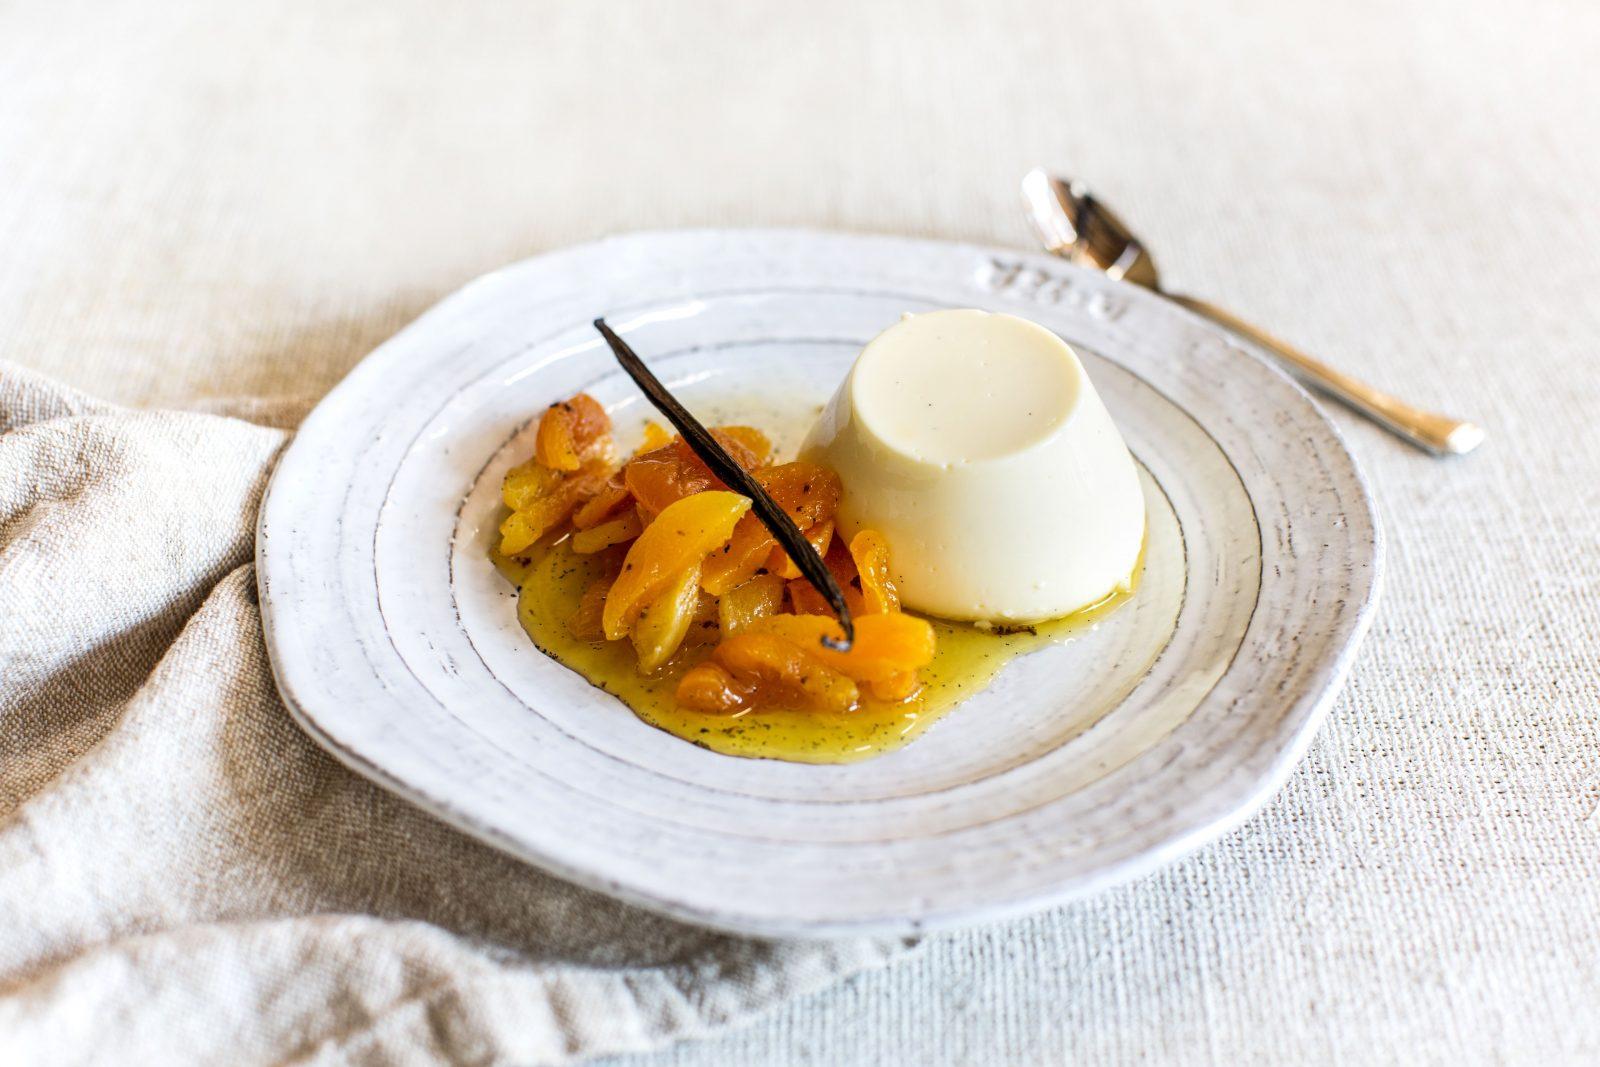 Panna cotta dessert at Helix